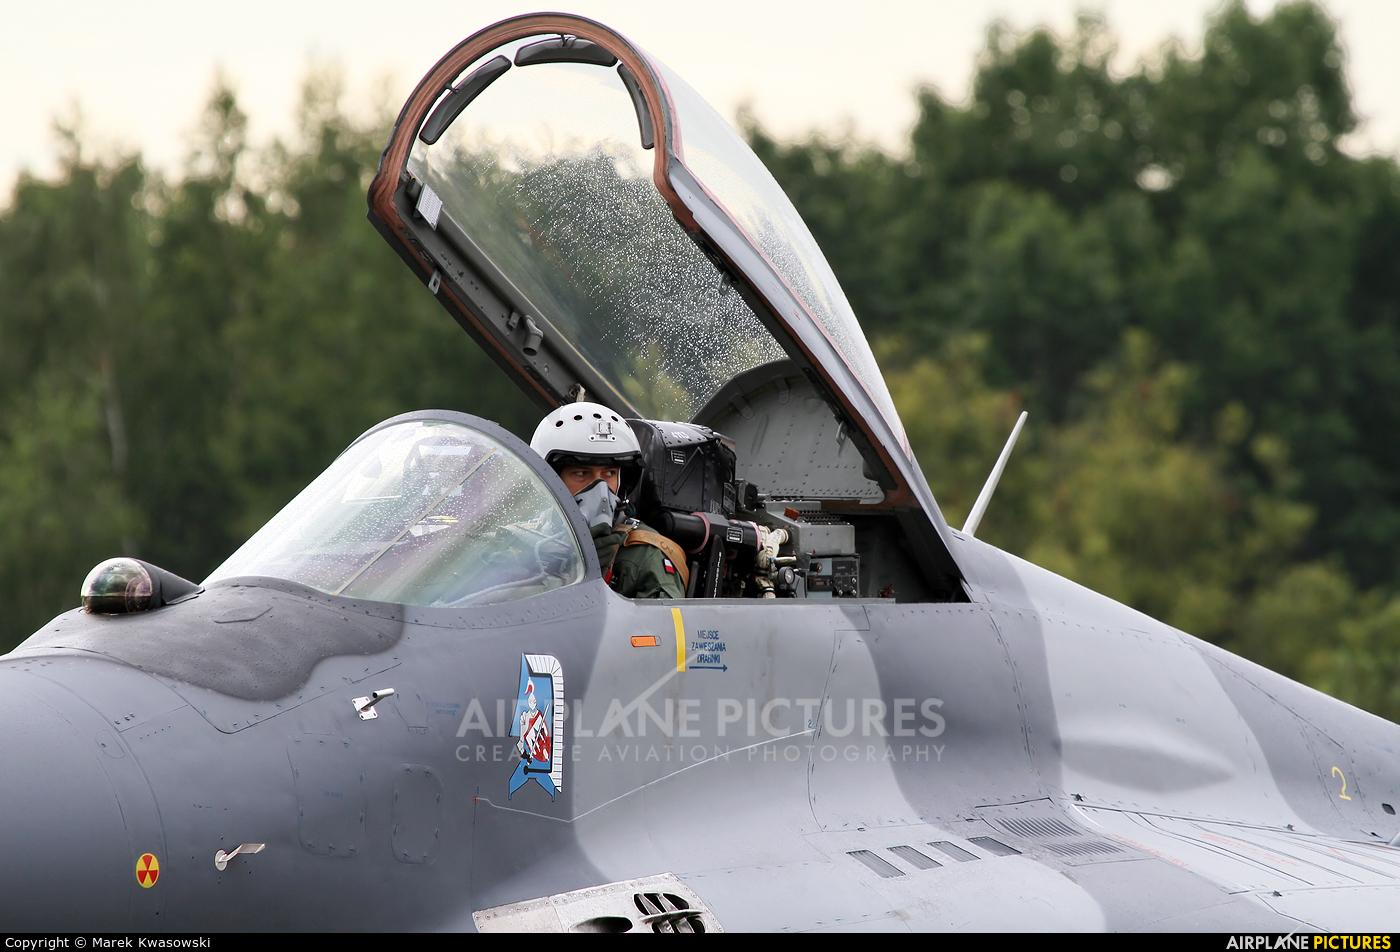 Poland - Air Force 4101 aircraft at Malbork